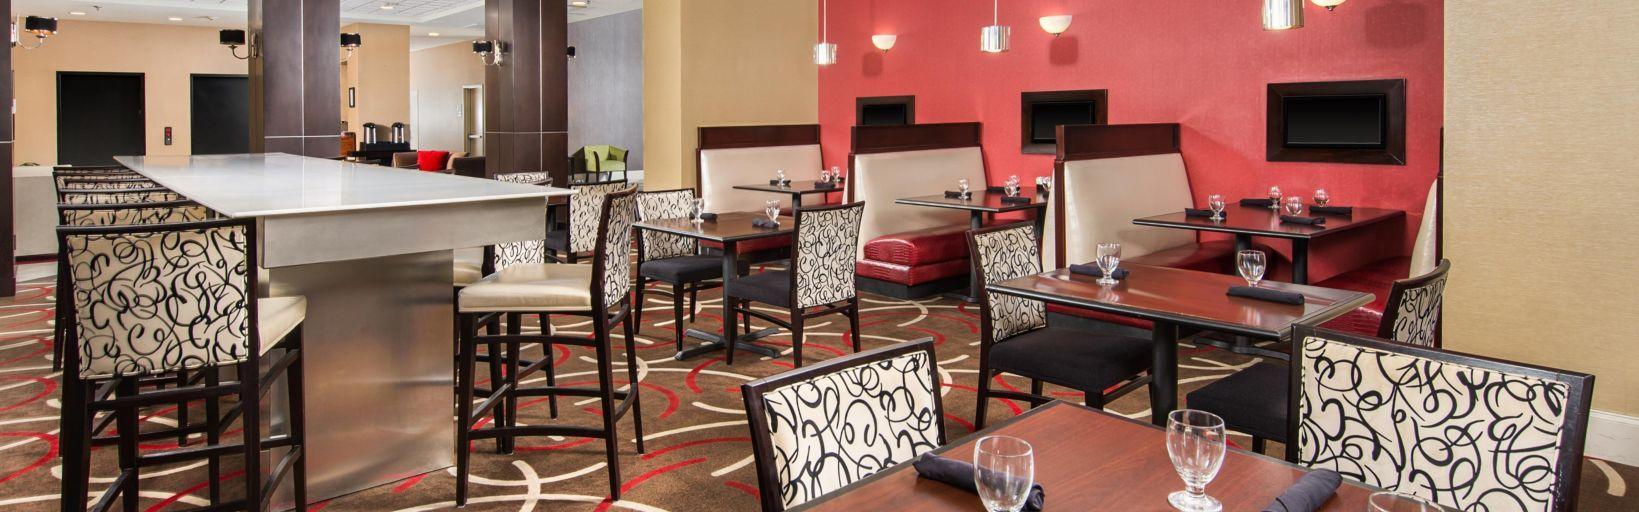 Restaurants Near Holiday Inn Chattanooga Hamilton Place